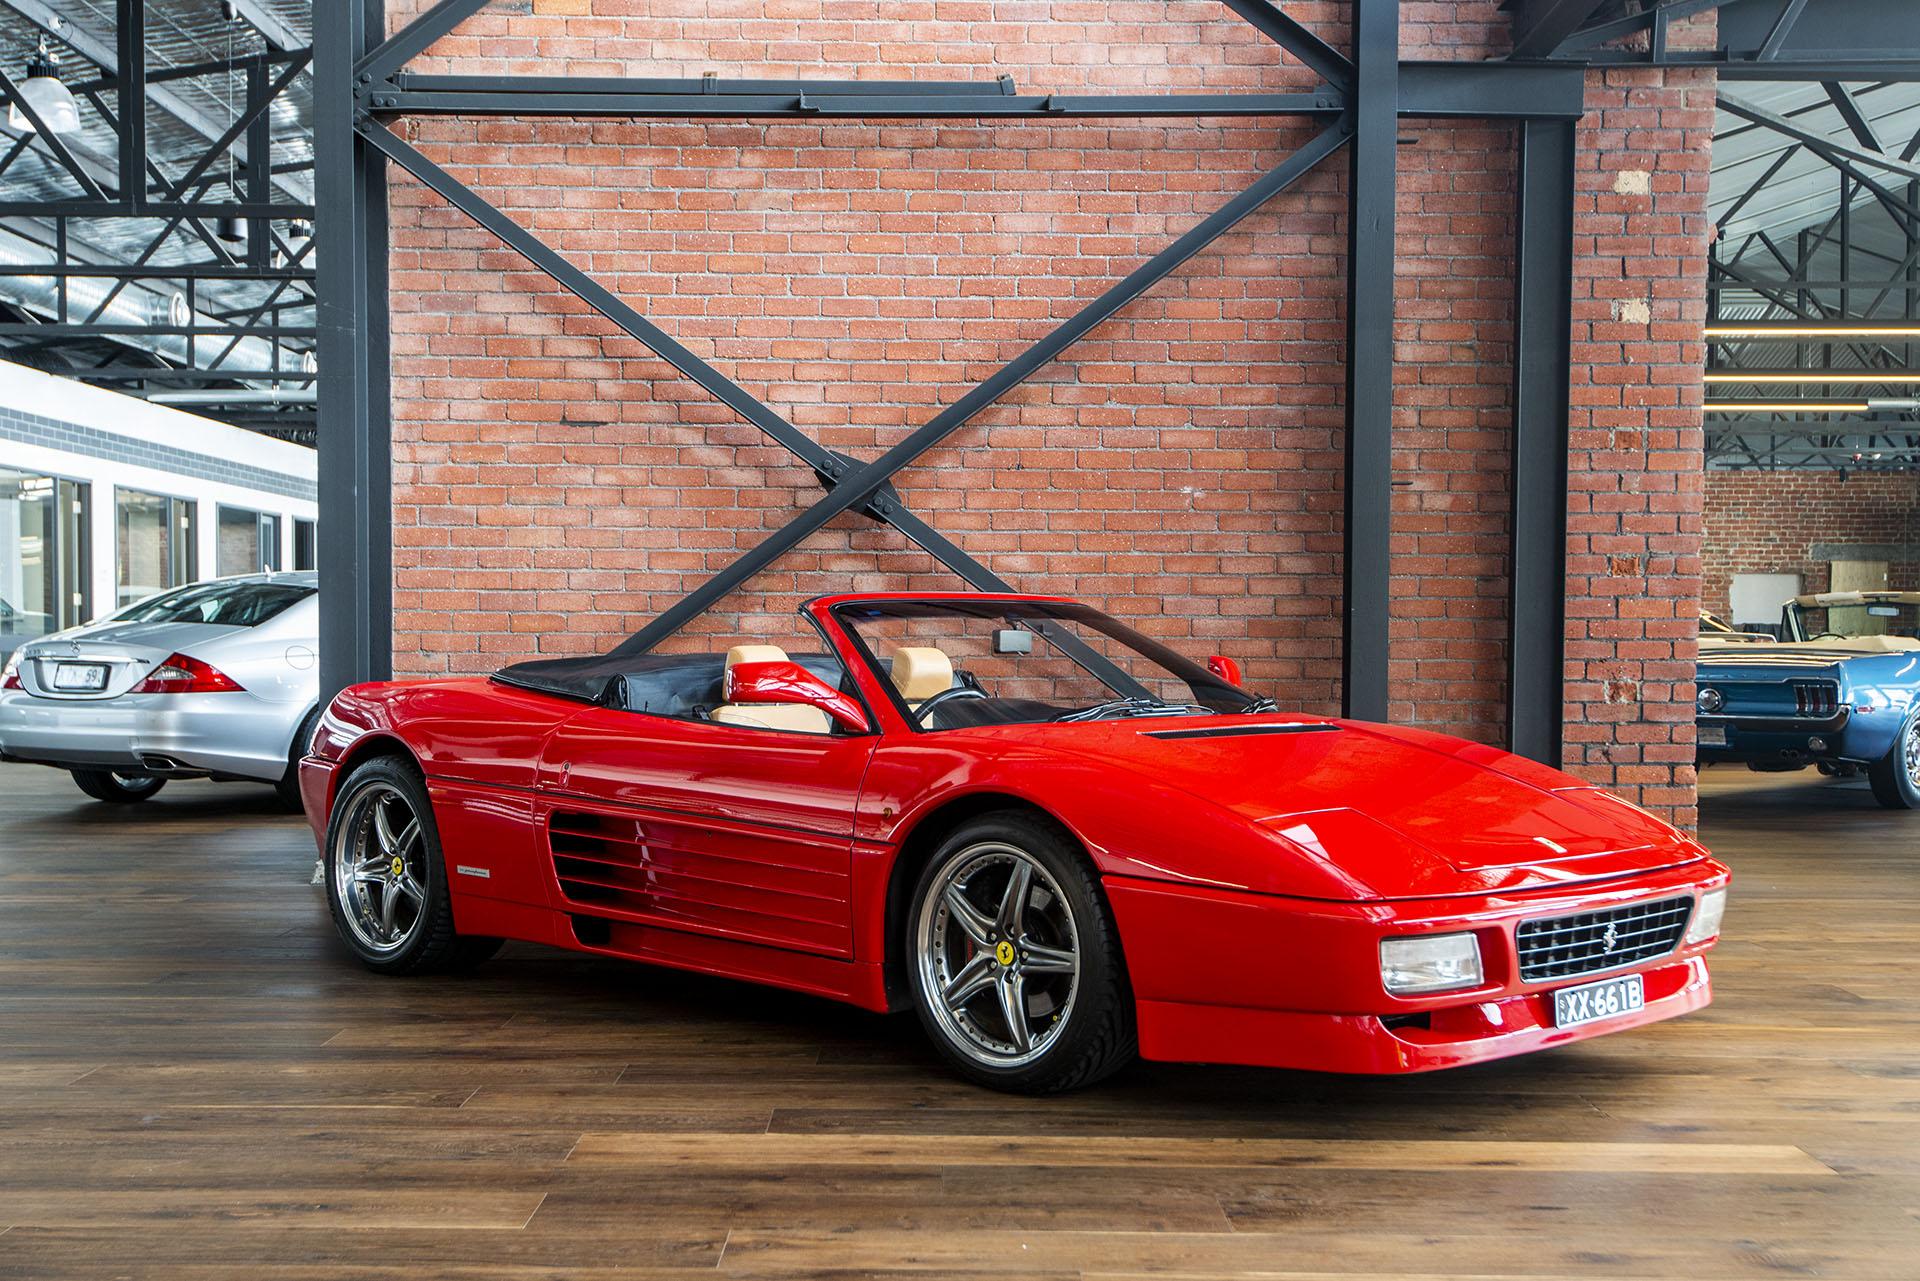 1994 Ferrari 348 Sp Spider - Richmonds